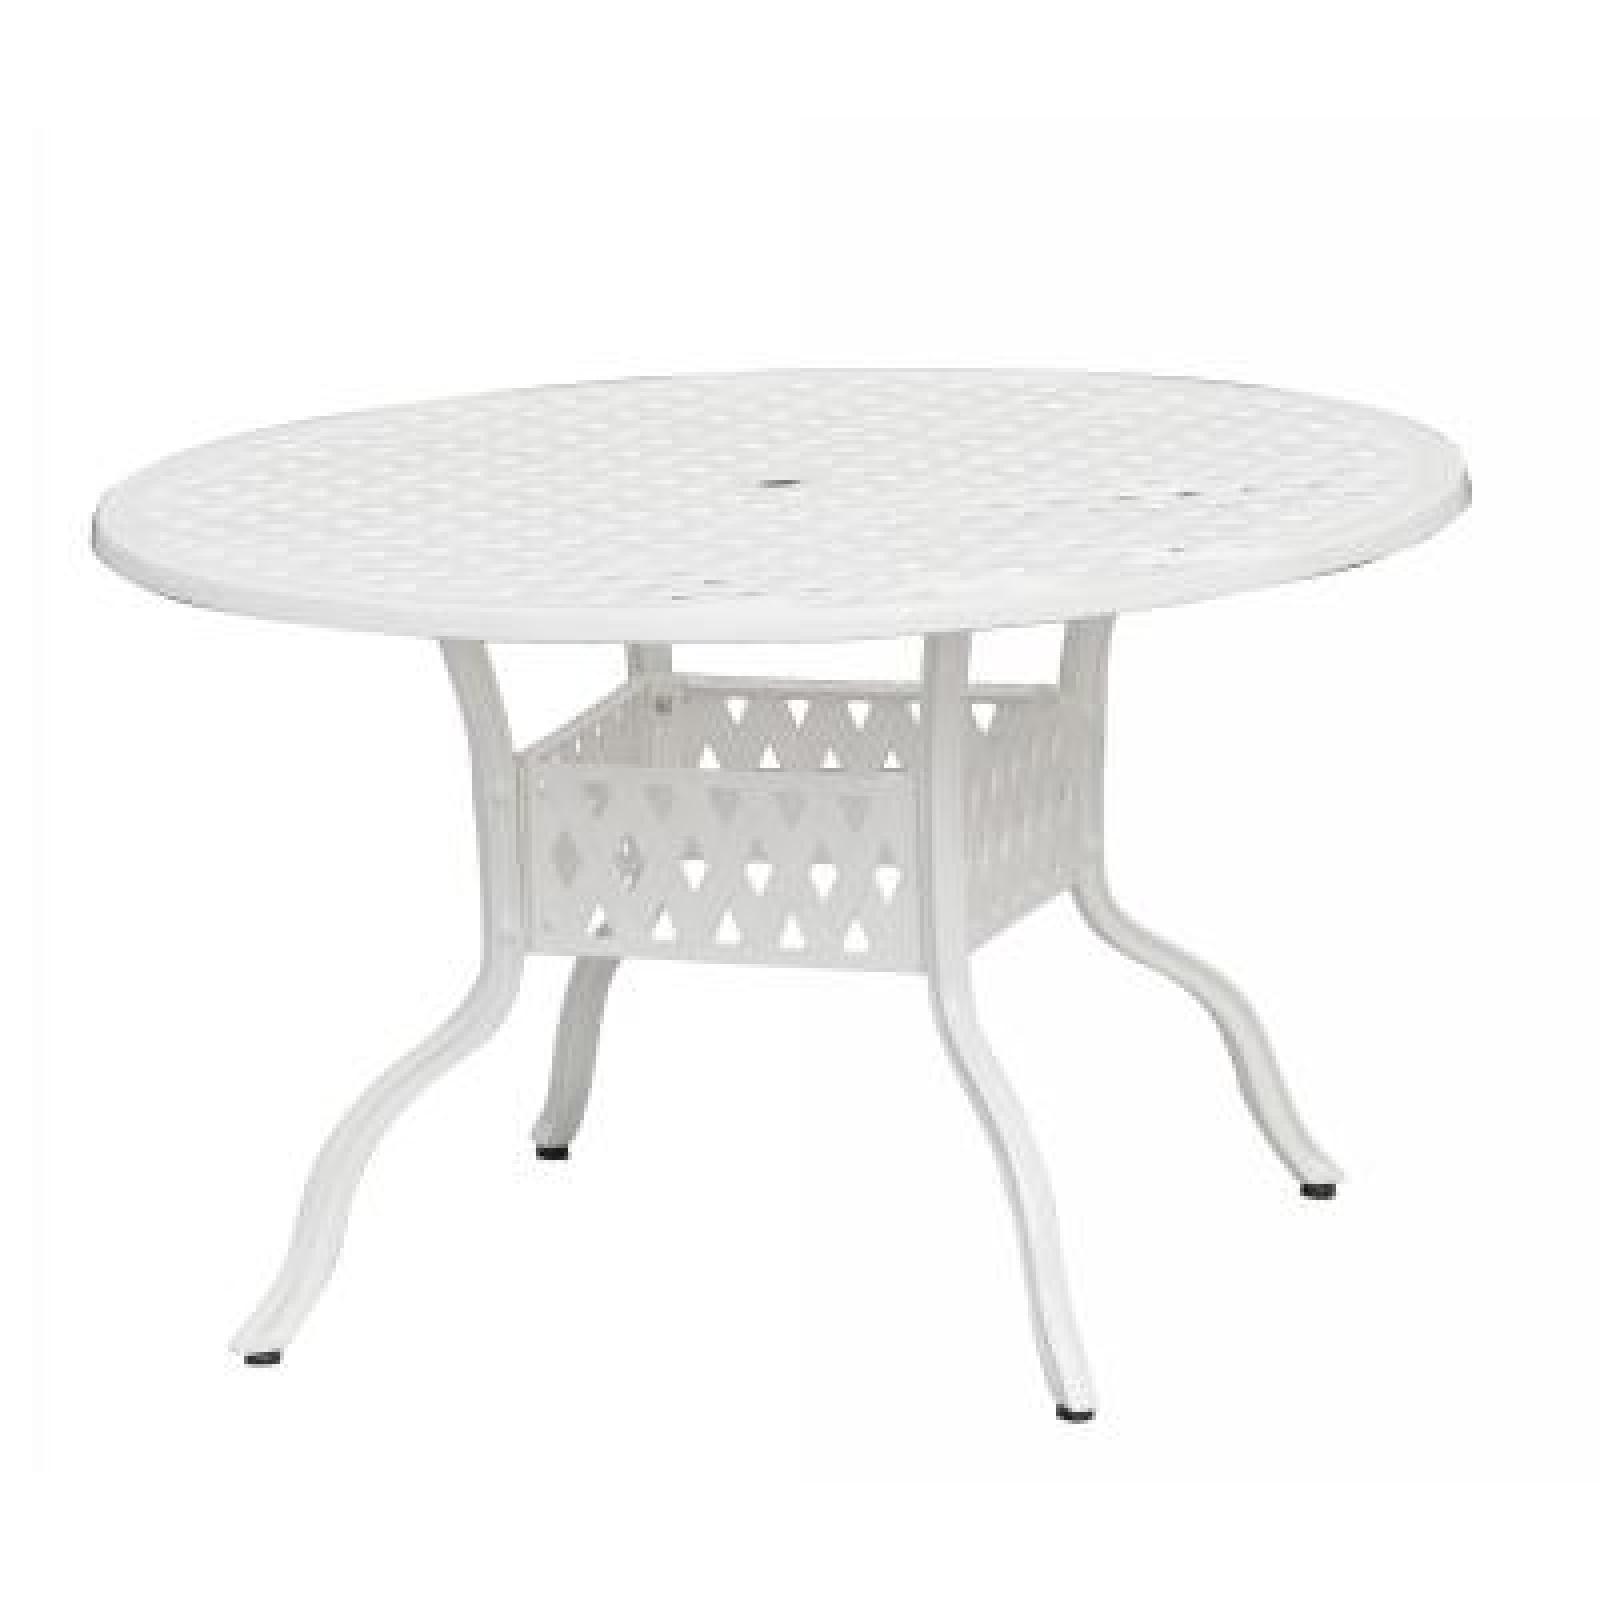 Details Zu Inko Aluguss Tisch Nexus Weiss Rund 120 Cm Gartentisch Tag 202 W